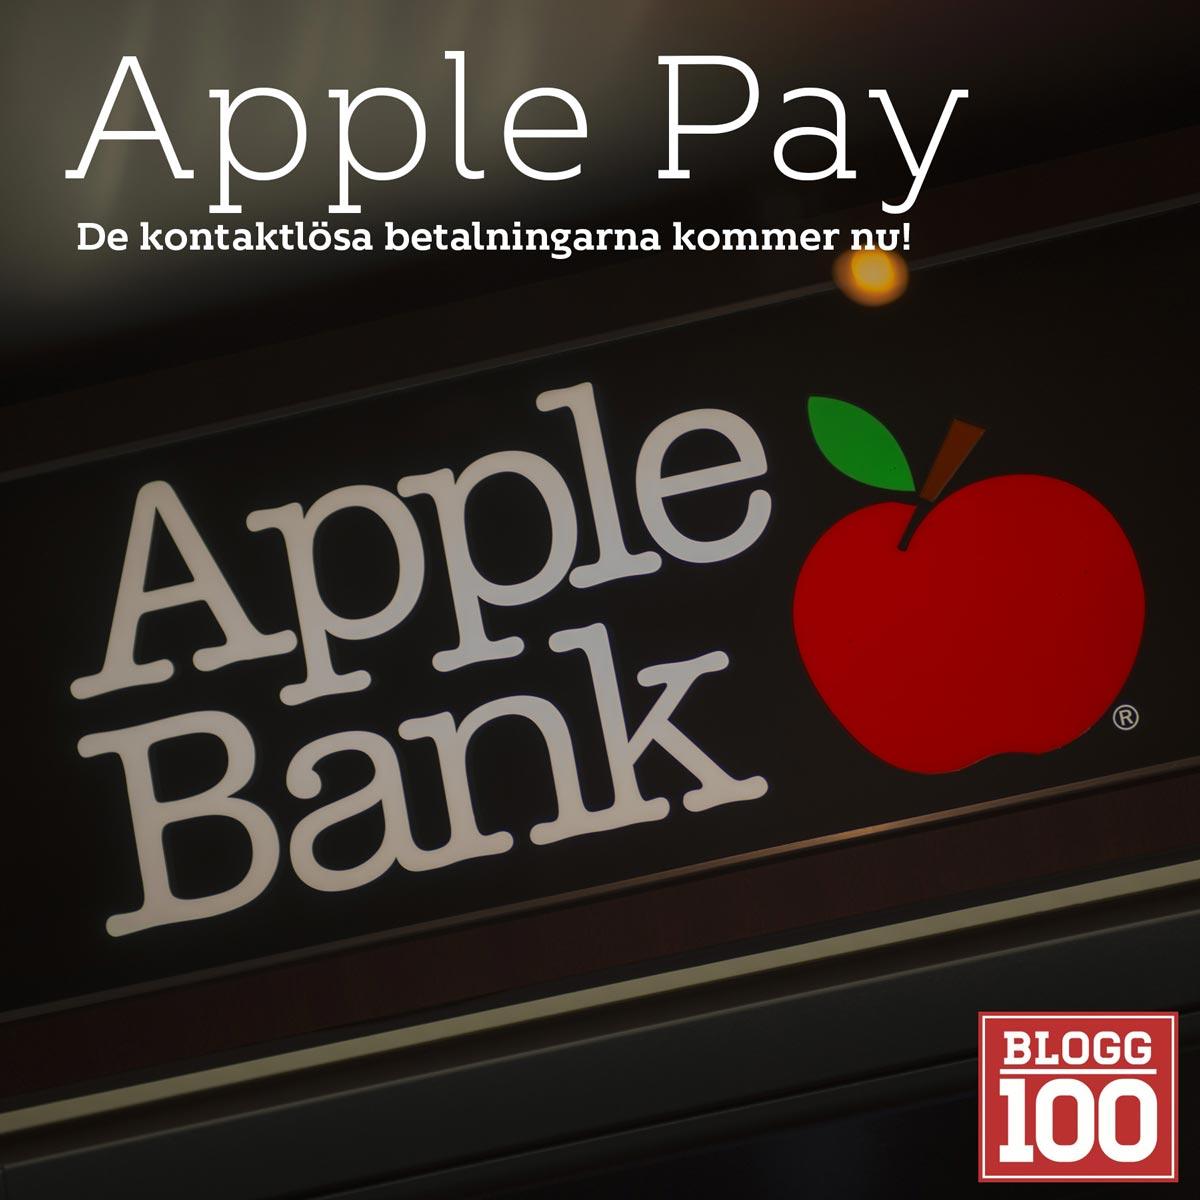 Apple Pay, nu lossnar det för kontaktlösa betalningar #blogg100 #FB